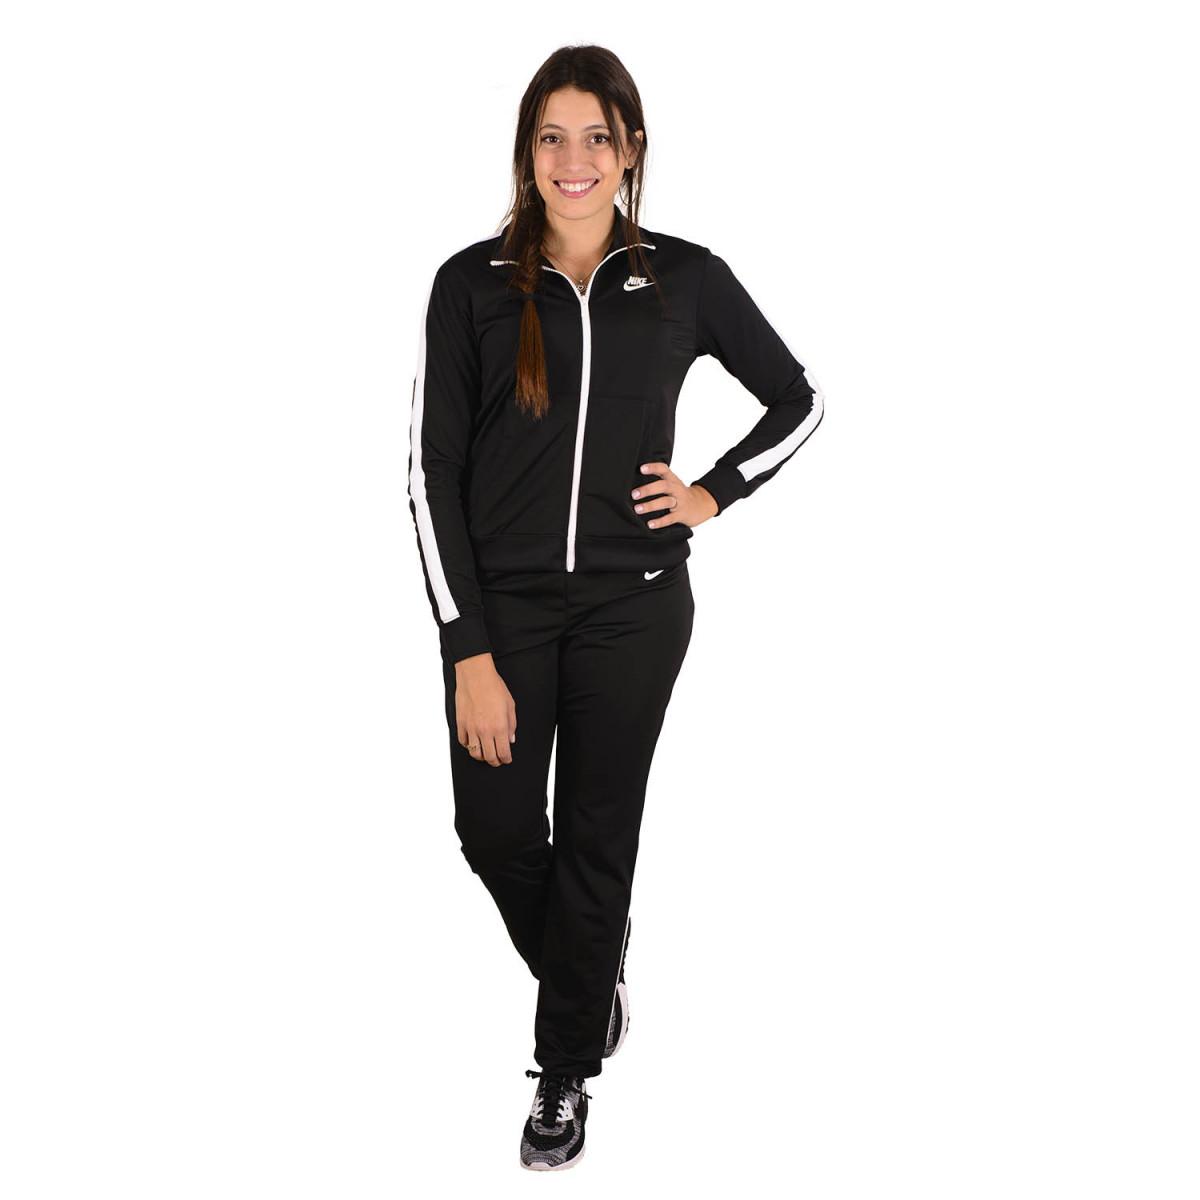 1be06c714a585 Conjunto Deportivo Nike - Conjuntos Deportivos - Indumentaria - Mujer